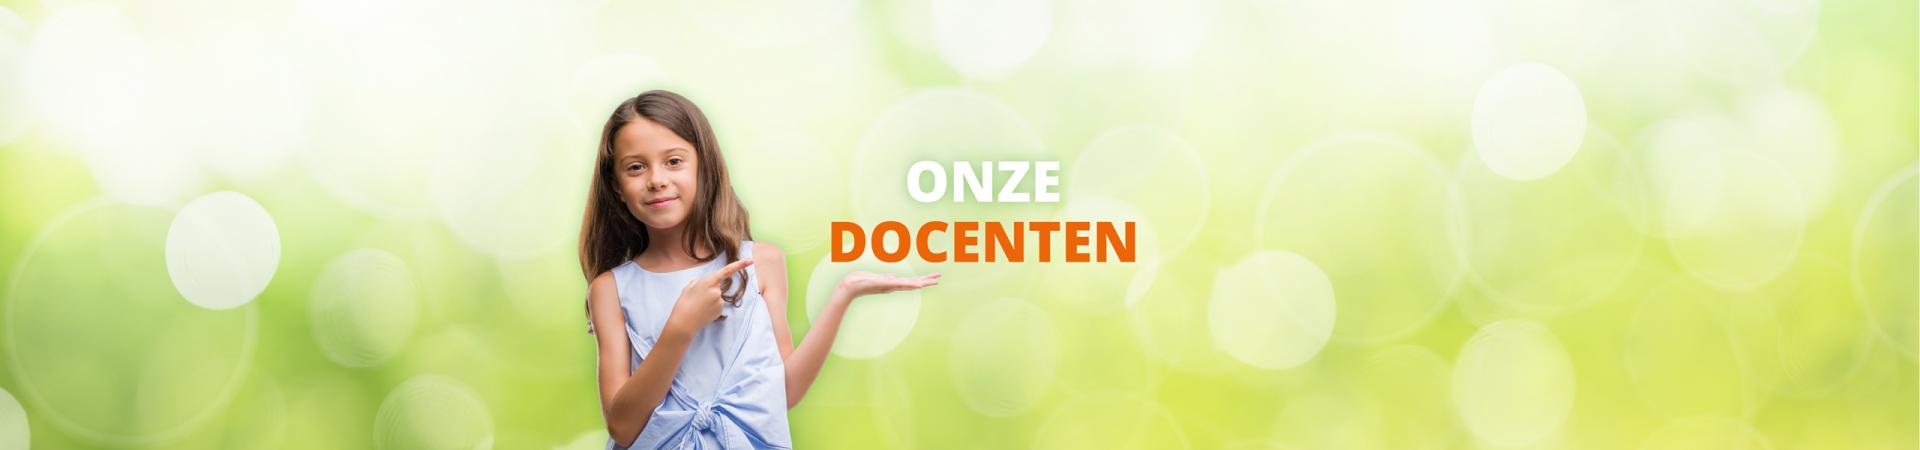 Onze docenten van Jeugdprofessionals Nederland